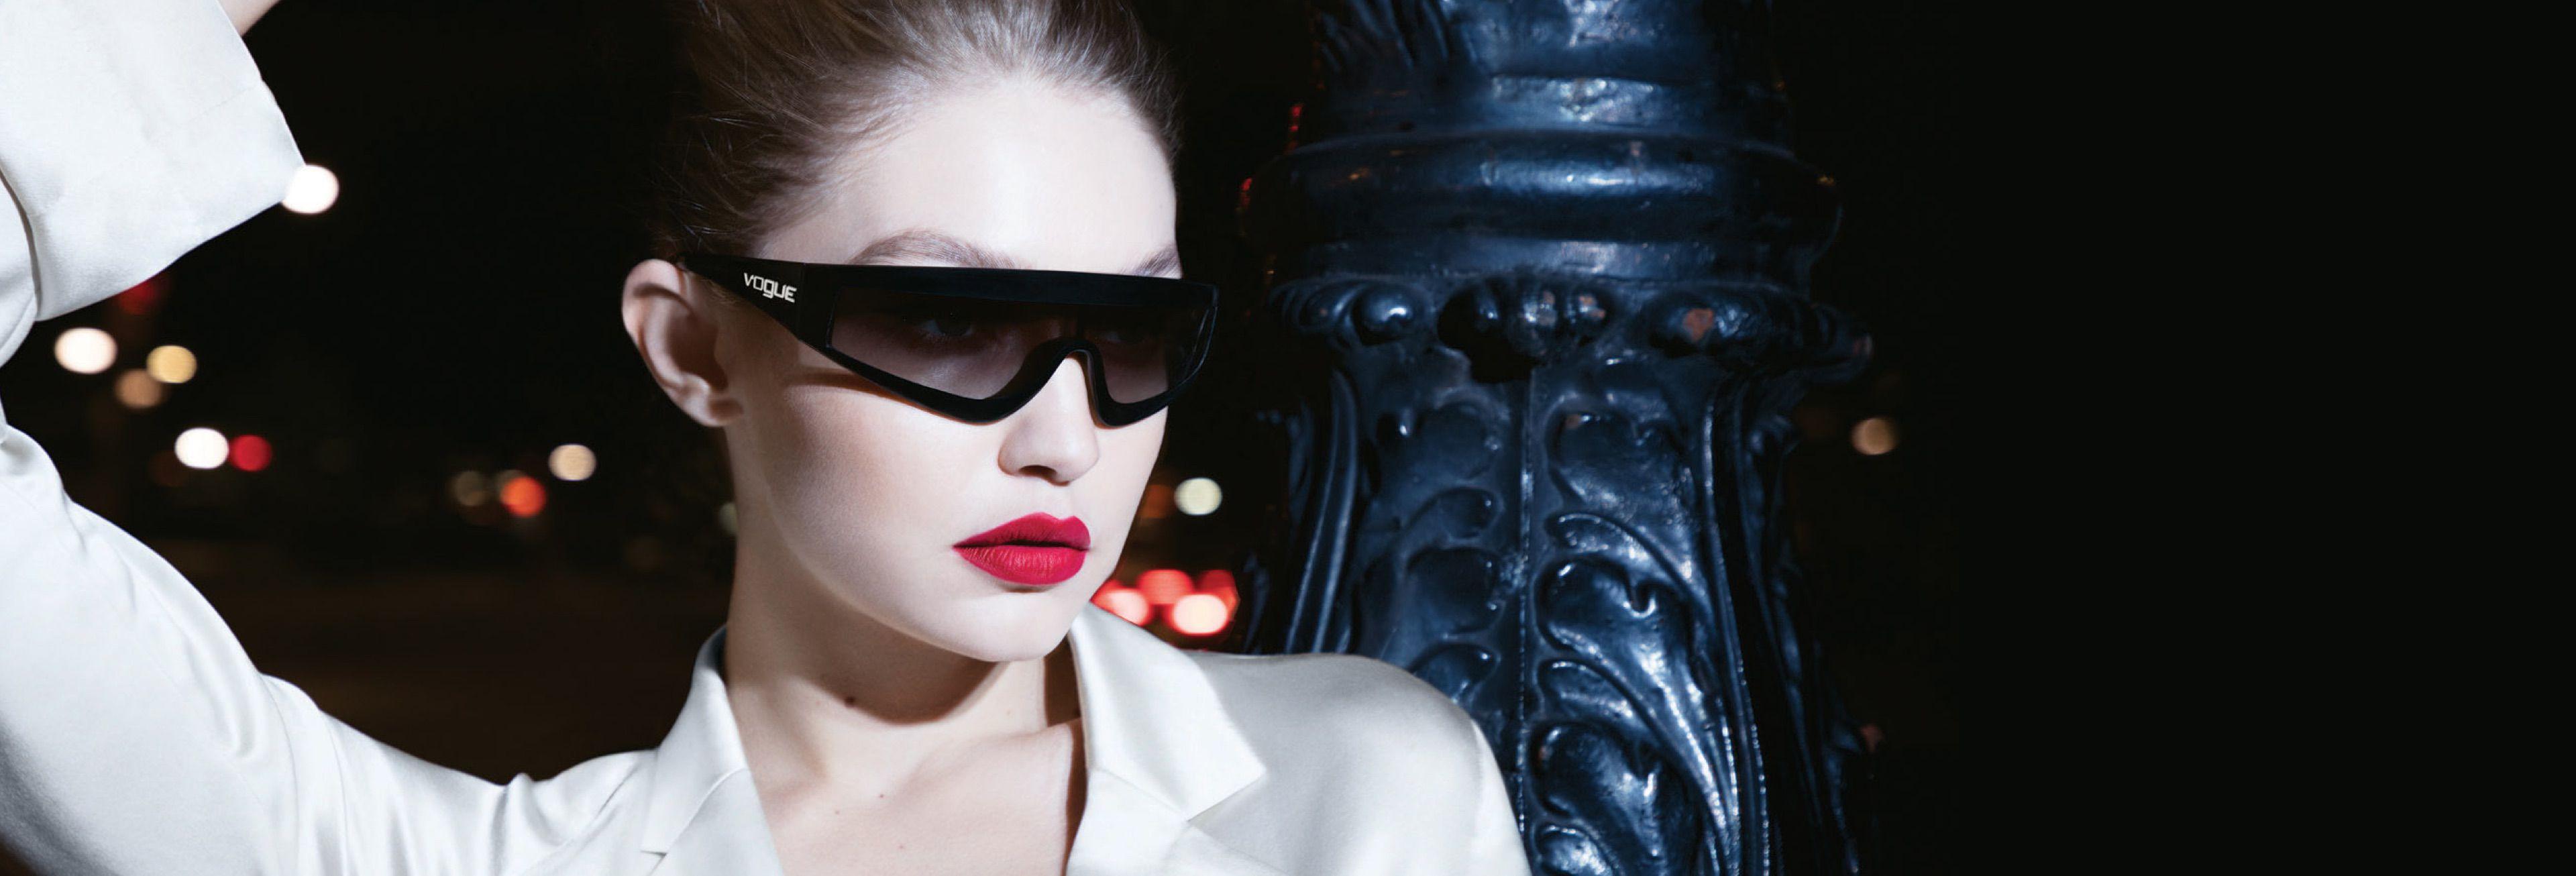 Gigi Hadid collection hero image